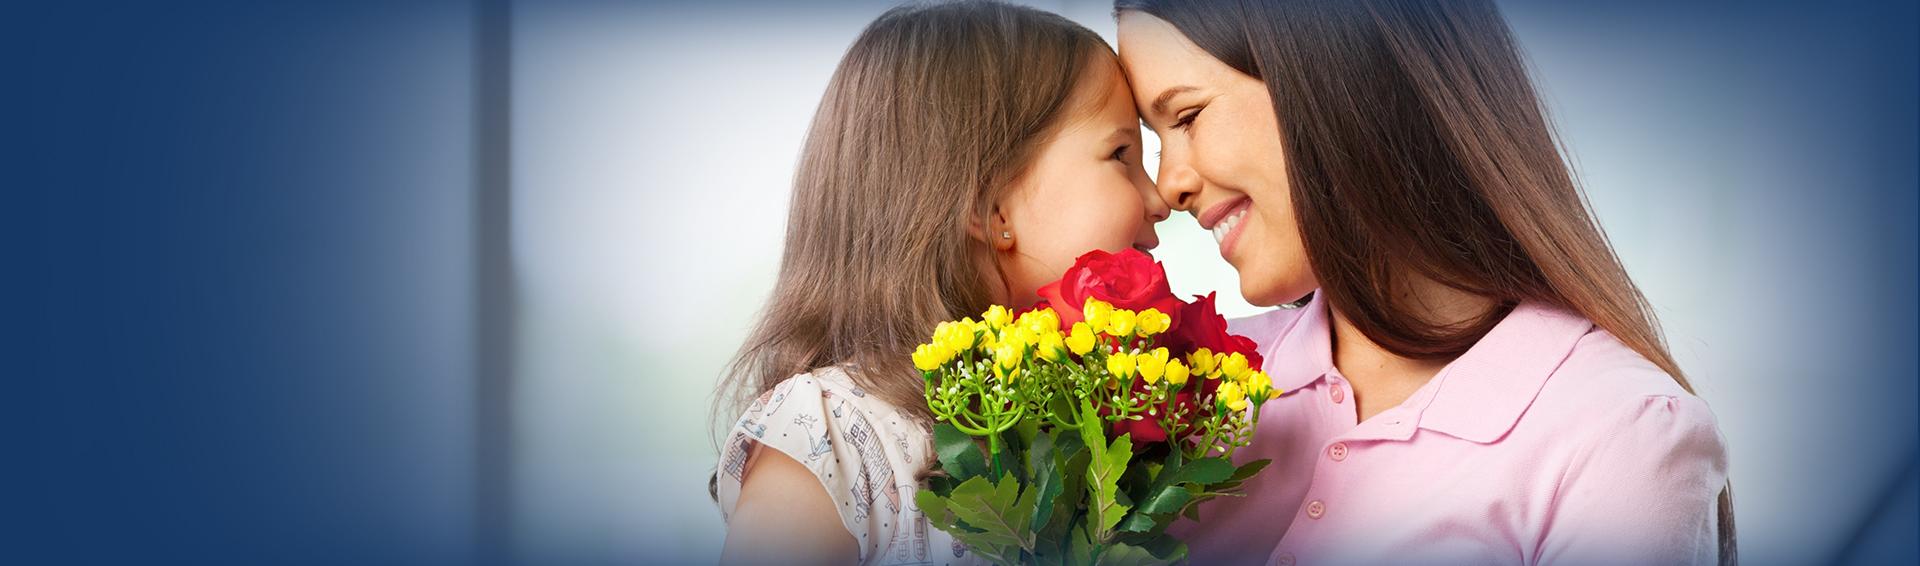 Anne Olmak İçin İdeal Yaş Var Mıdır